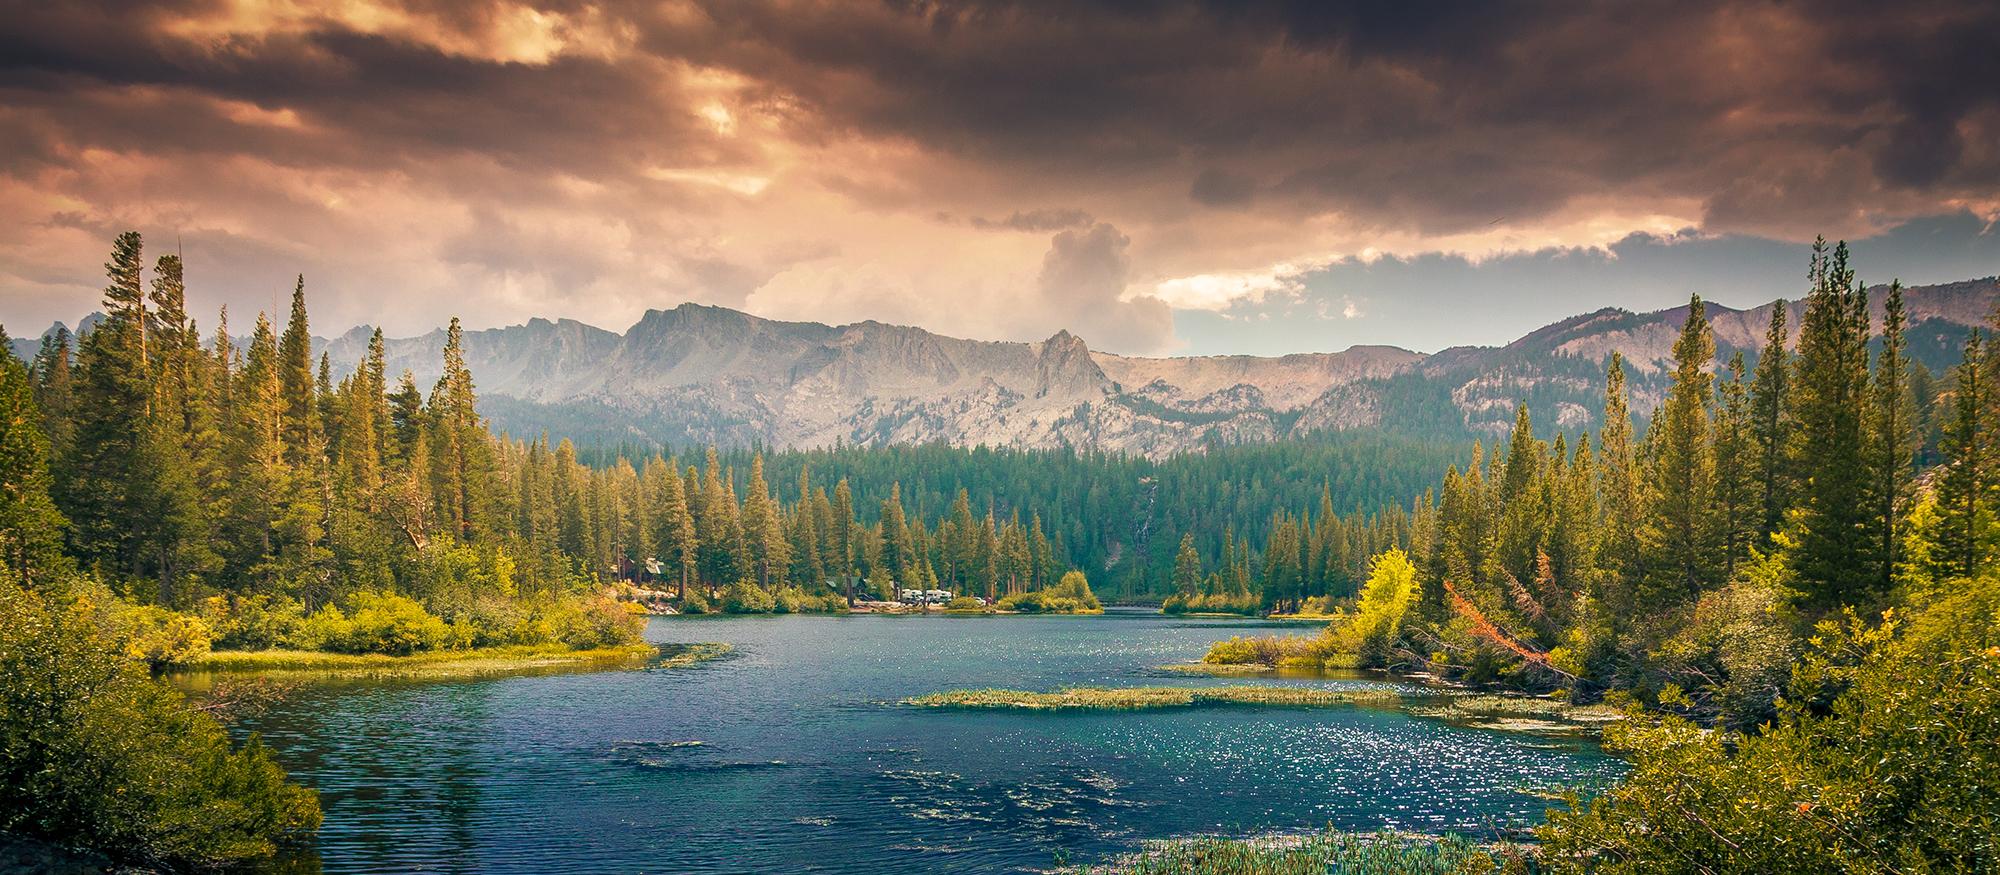 mountain-valley-river